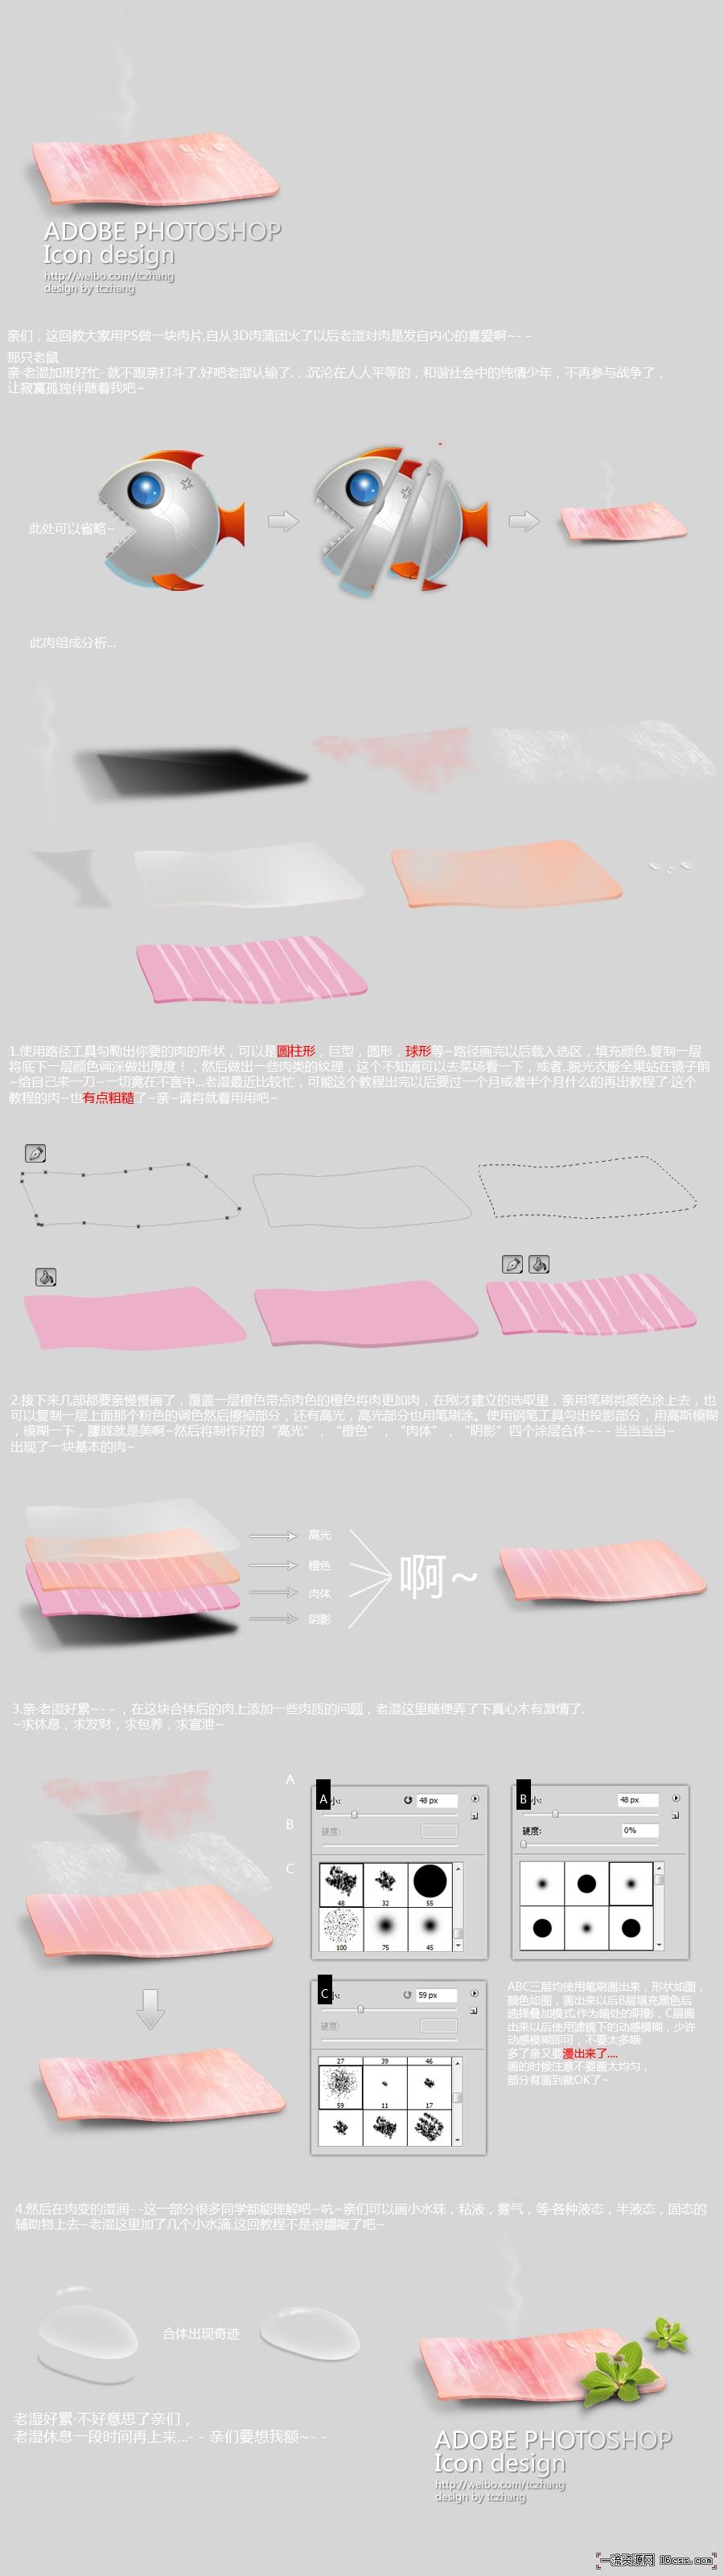 1d74739018fa856cb9279cff1447425a 在PHOTOSHOP中打造简单却精致的肉片